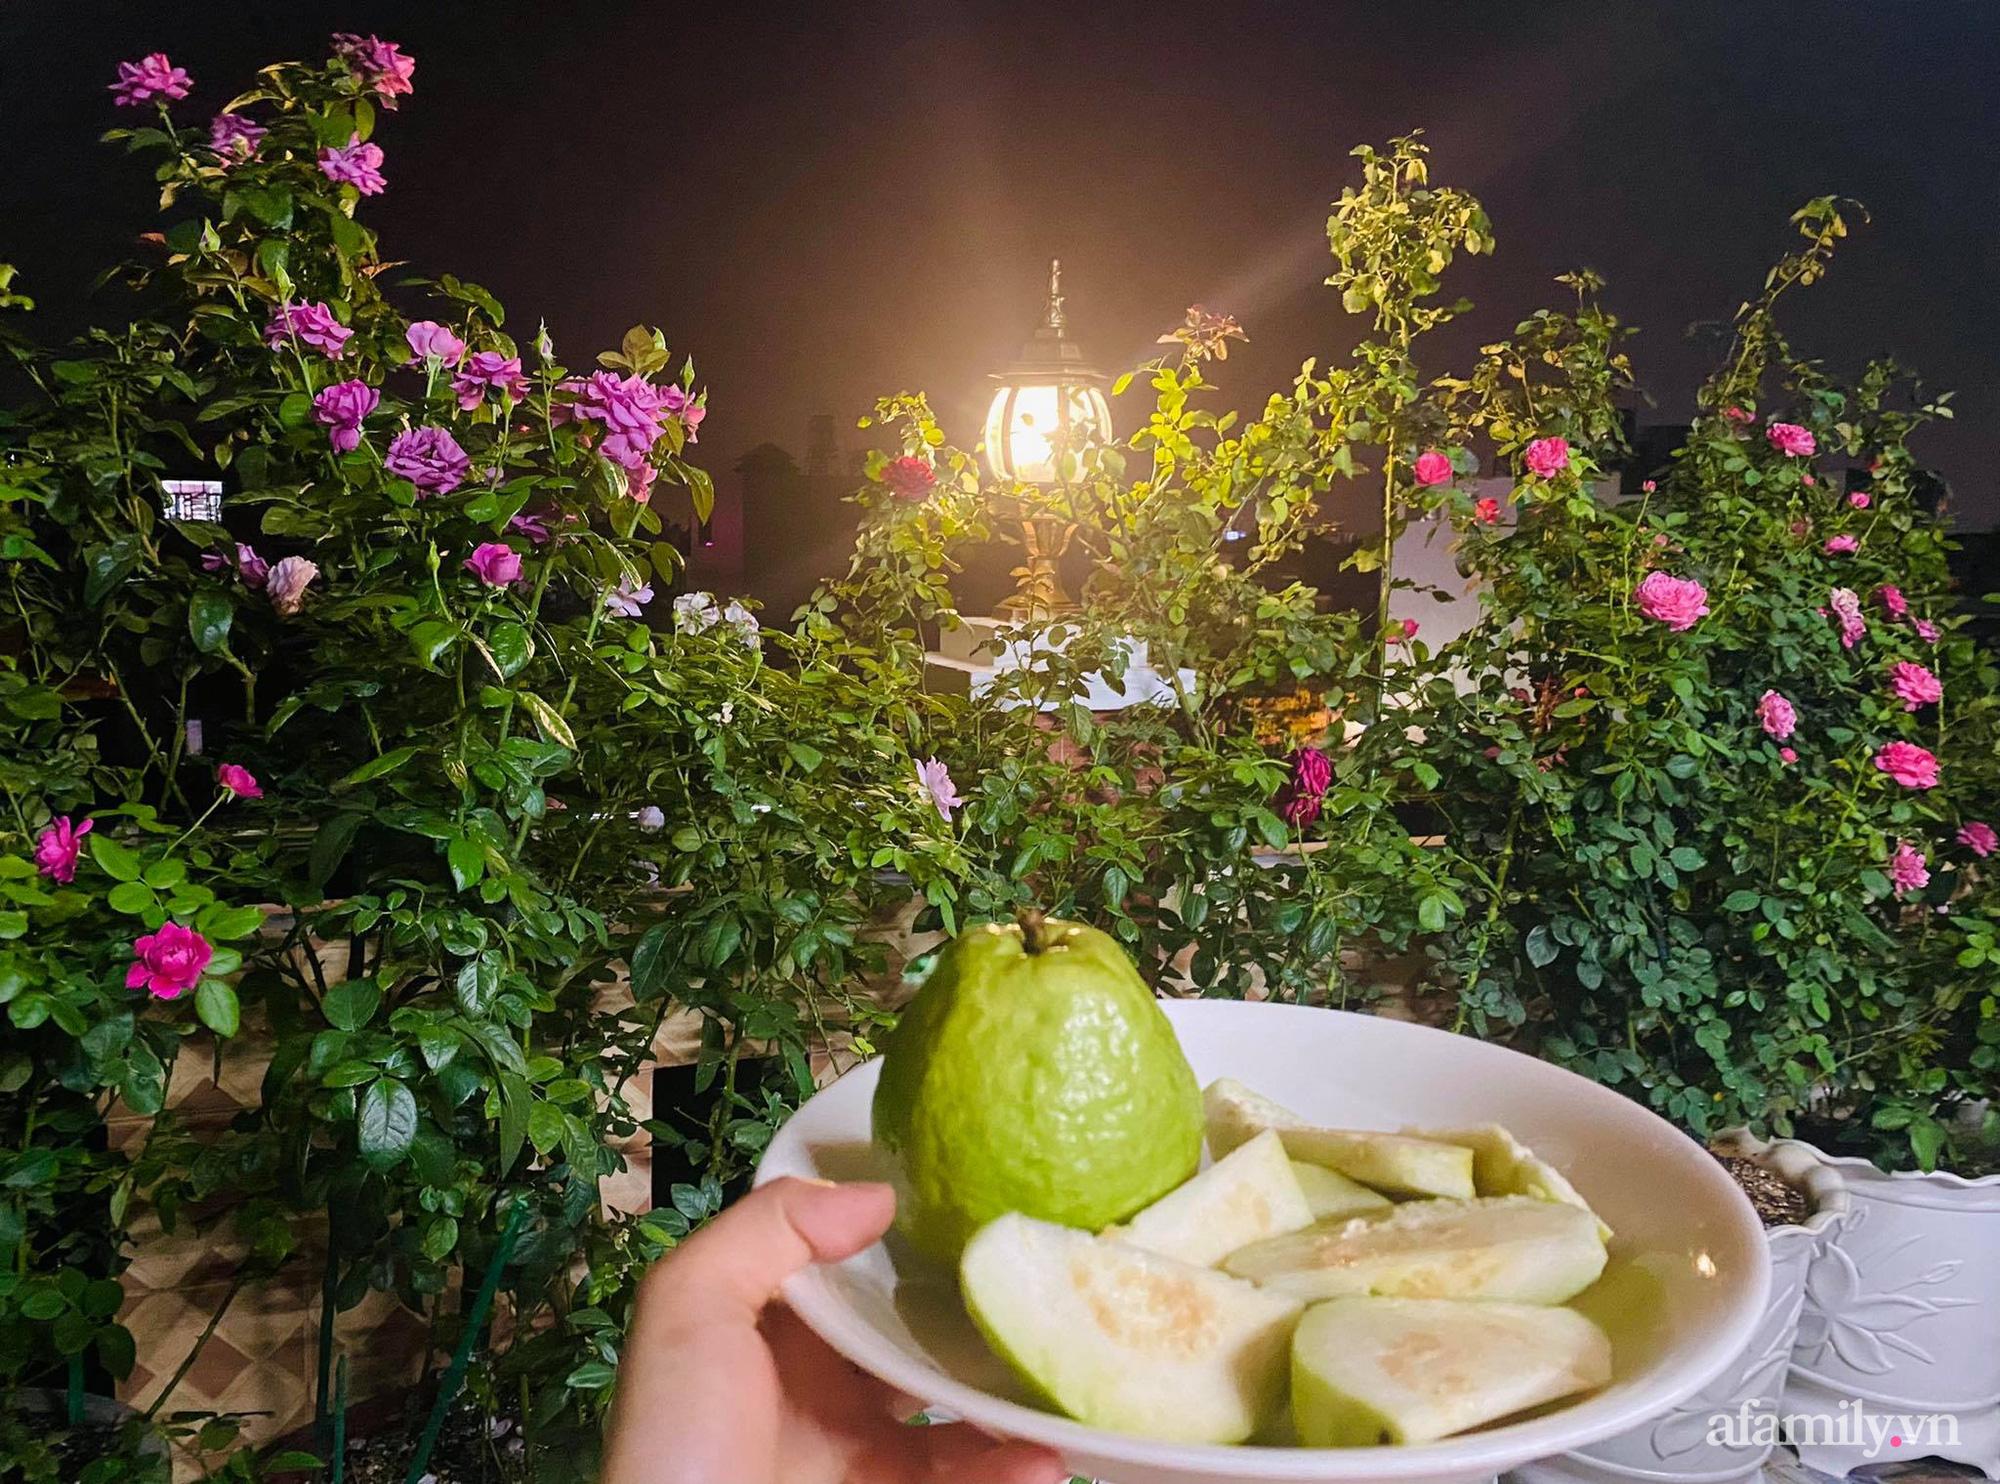 Sân thượng phủ kín hoa hồng và rau quả sạch ở Sài Gòn của Hoa hậu Janny Thủy Trần-25